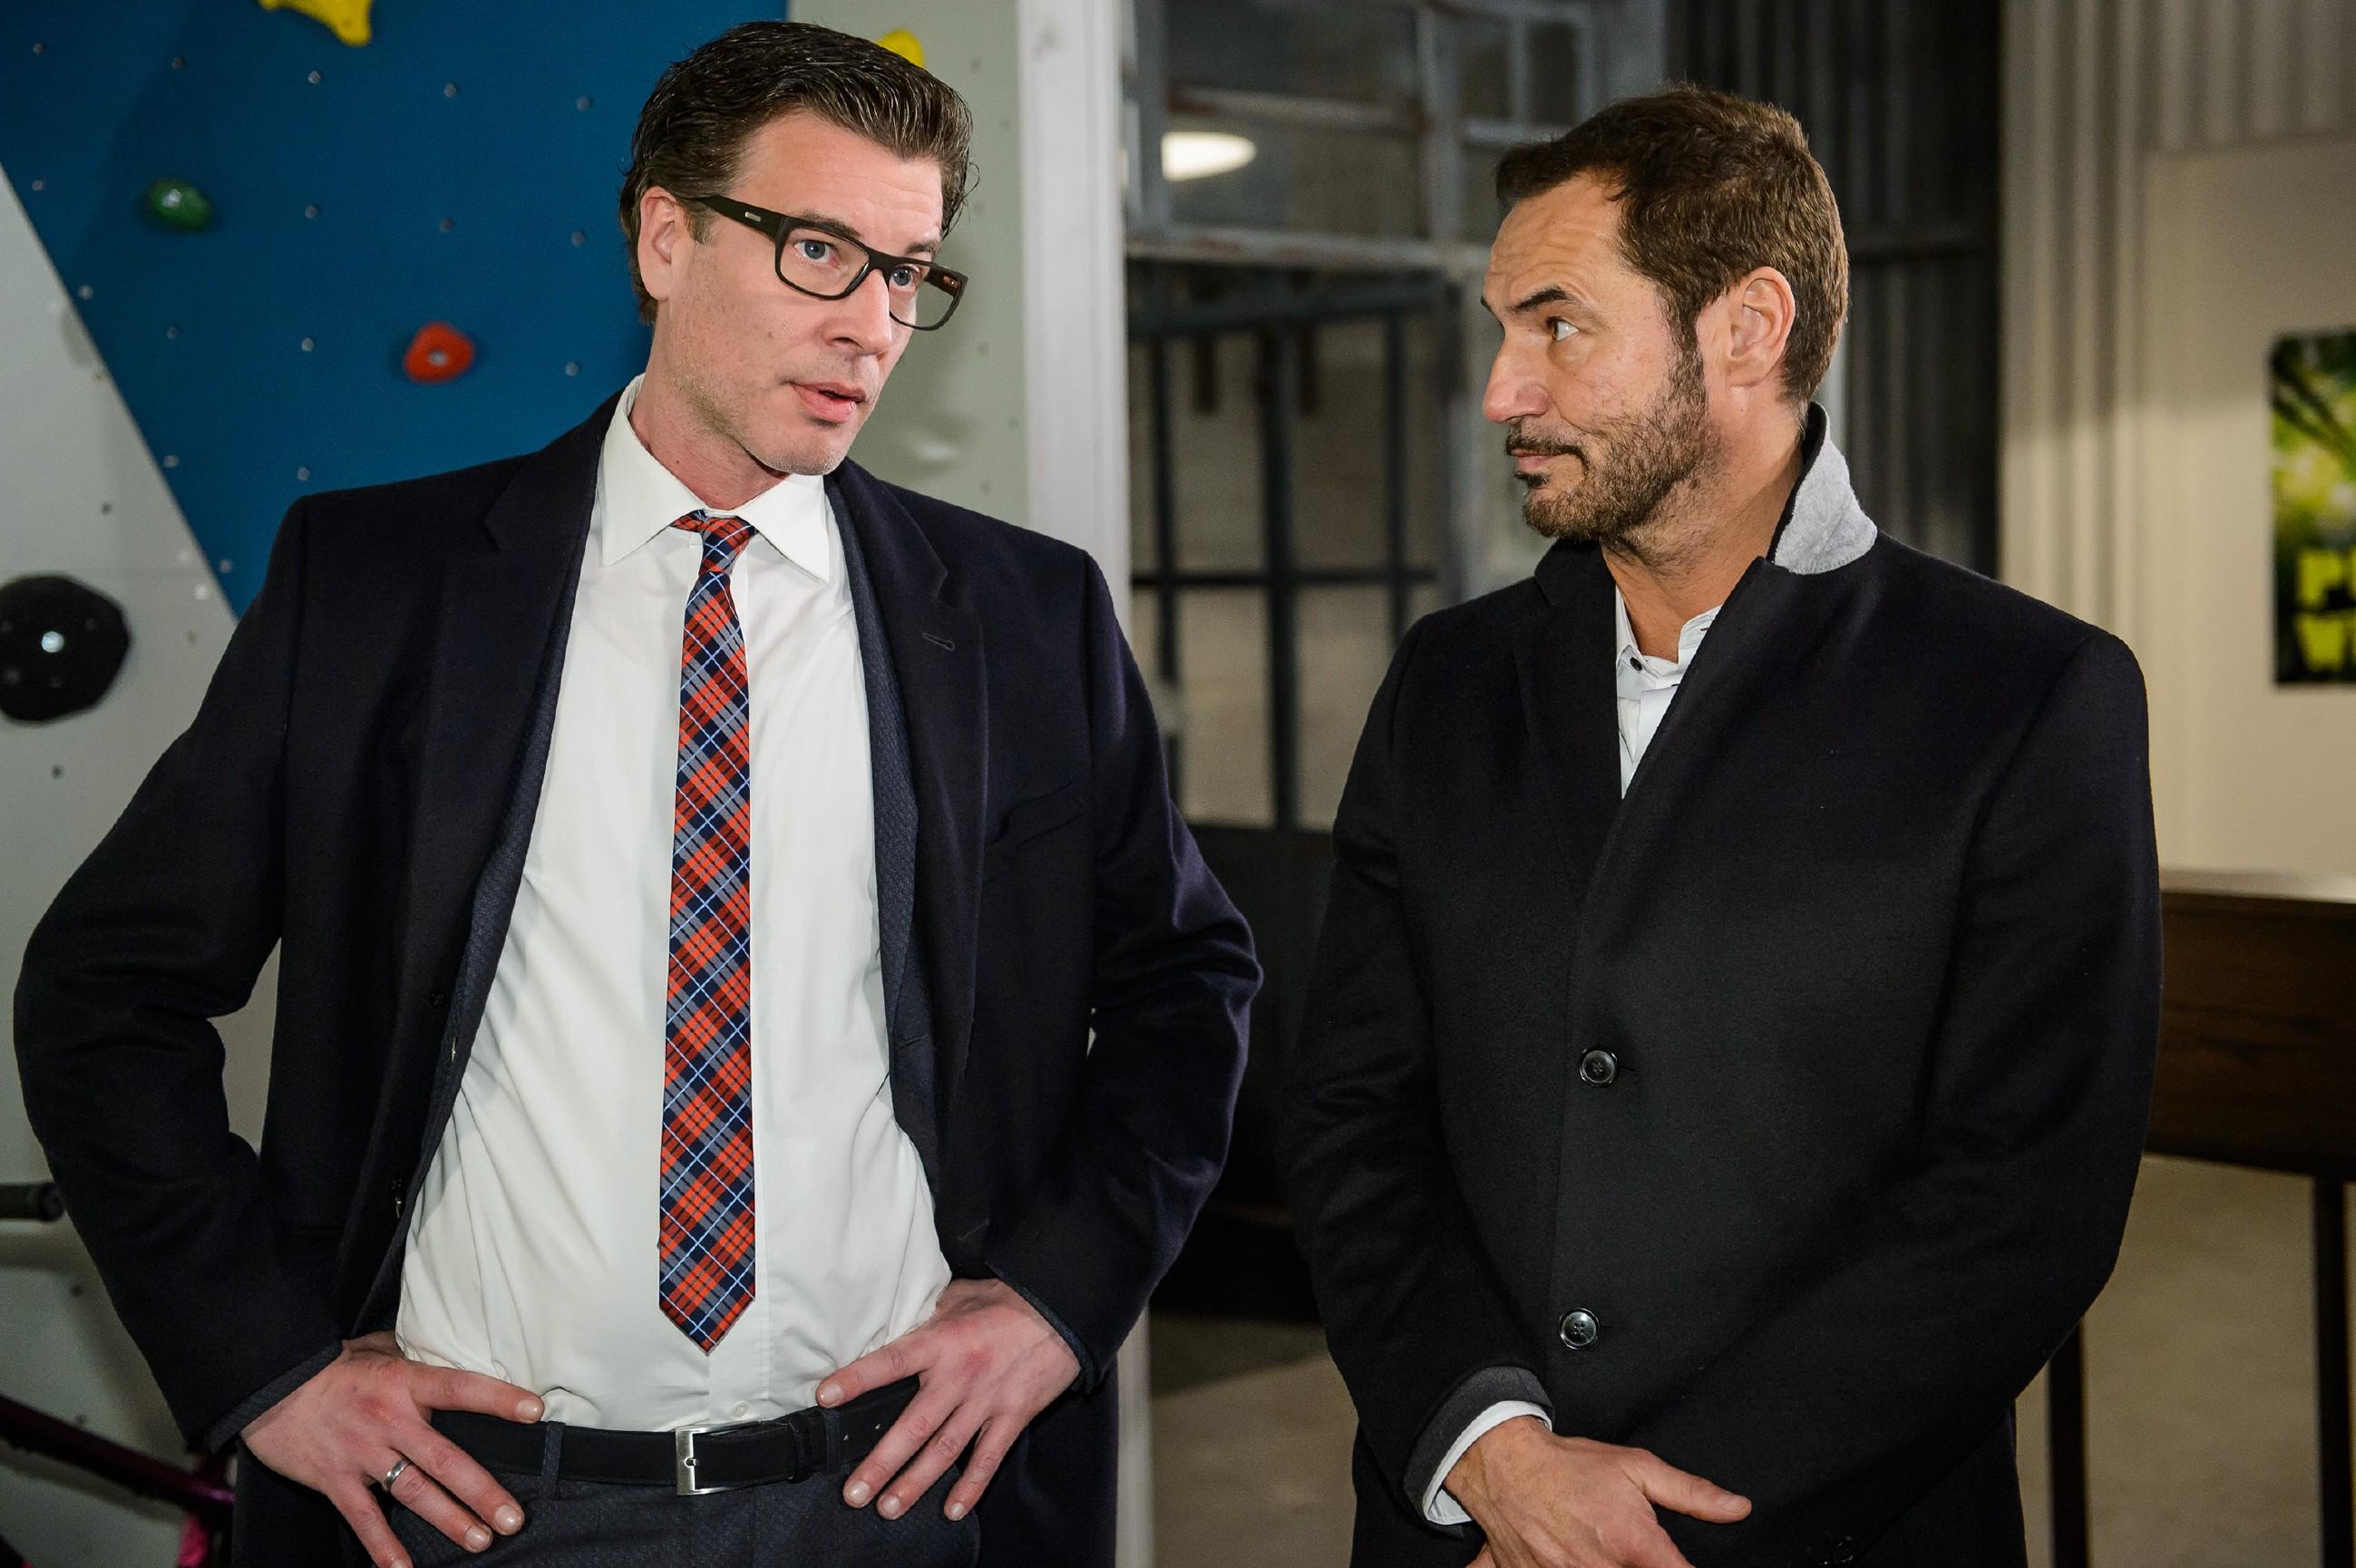 Richard (Silvan-Pierre Leirich, r.) und Christoph (Lars Korten) müssen frustriert mitansehen, wie das Konkurrenzprodukt bejubelt wird. (Quelle: RTL / Willi Weber)